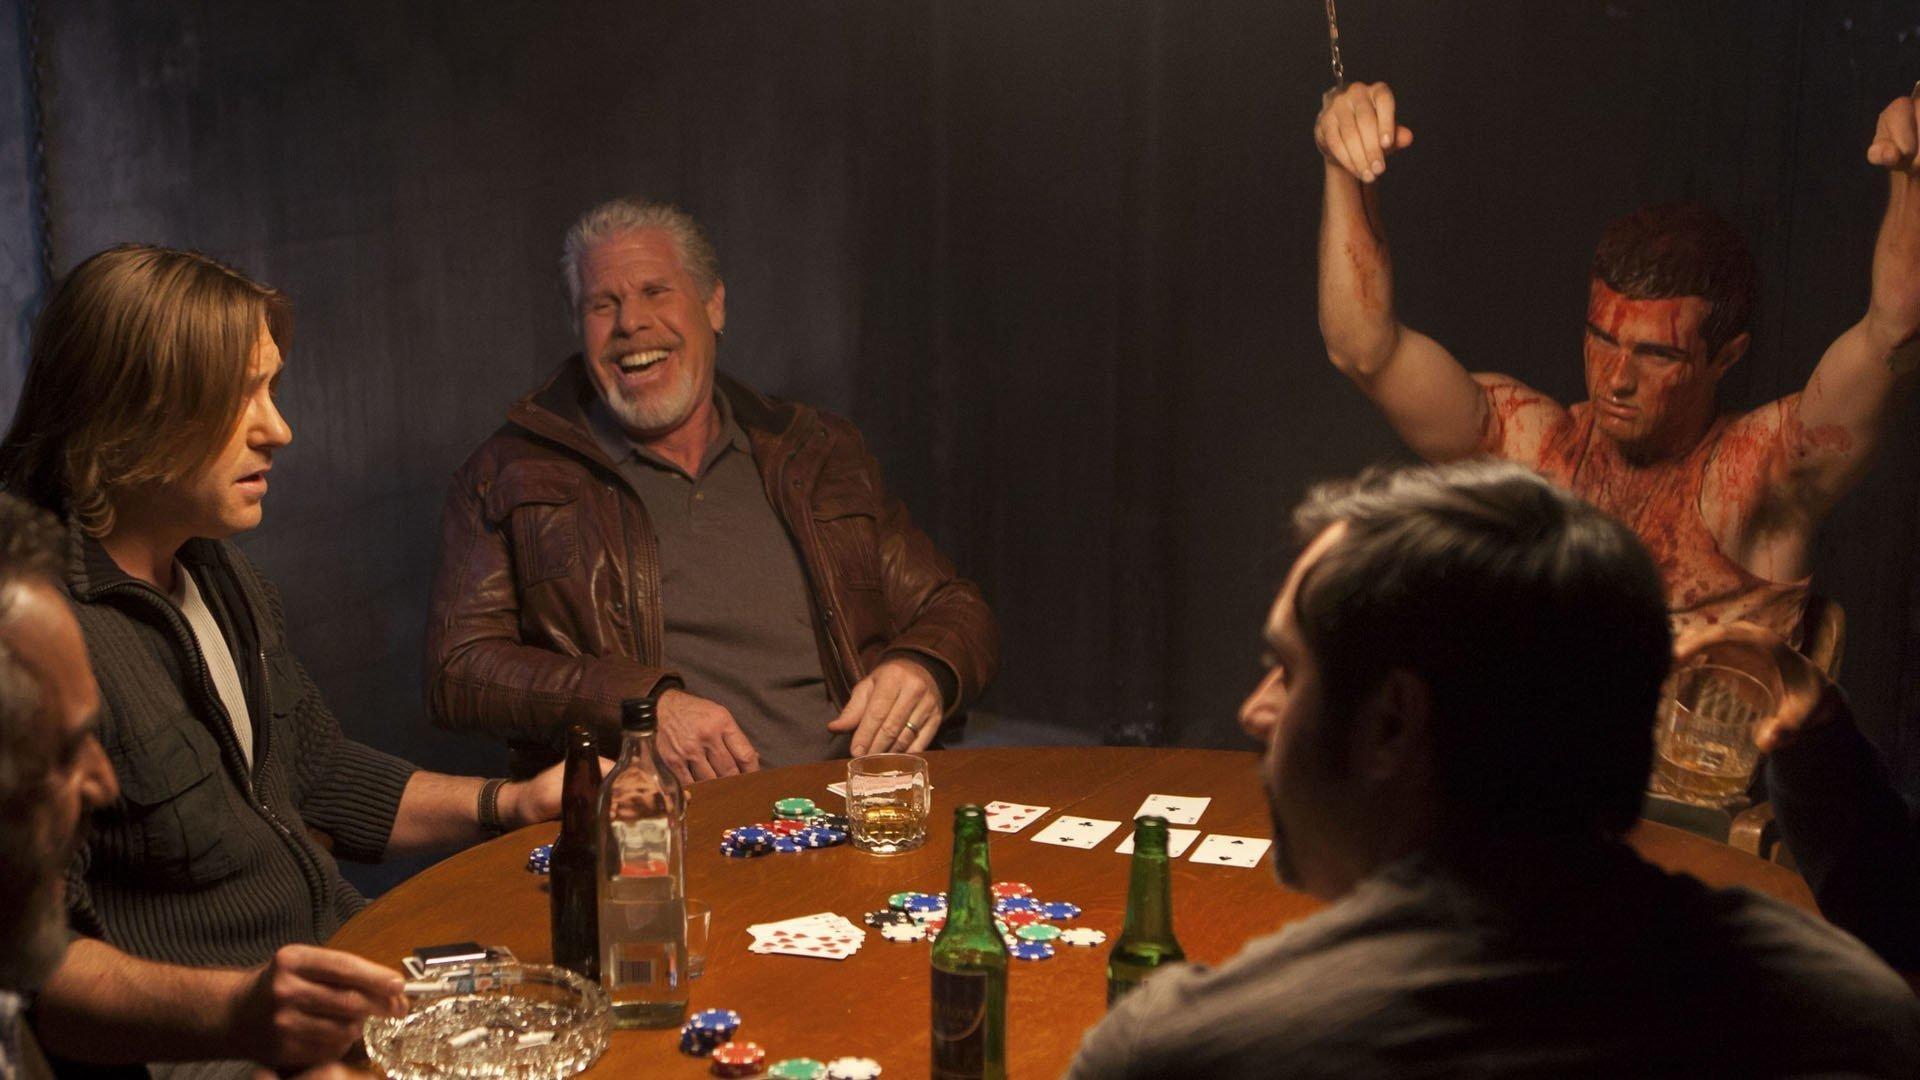 Ночной покер фильм онлайн игра паук играть бесплатно без регистрации карты